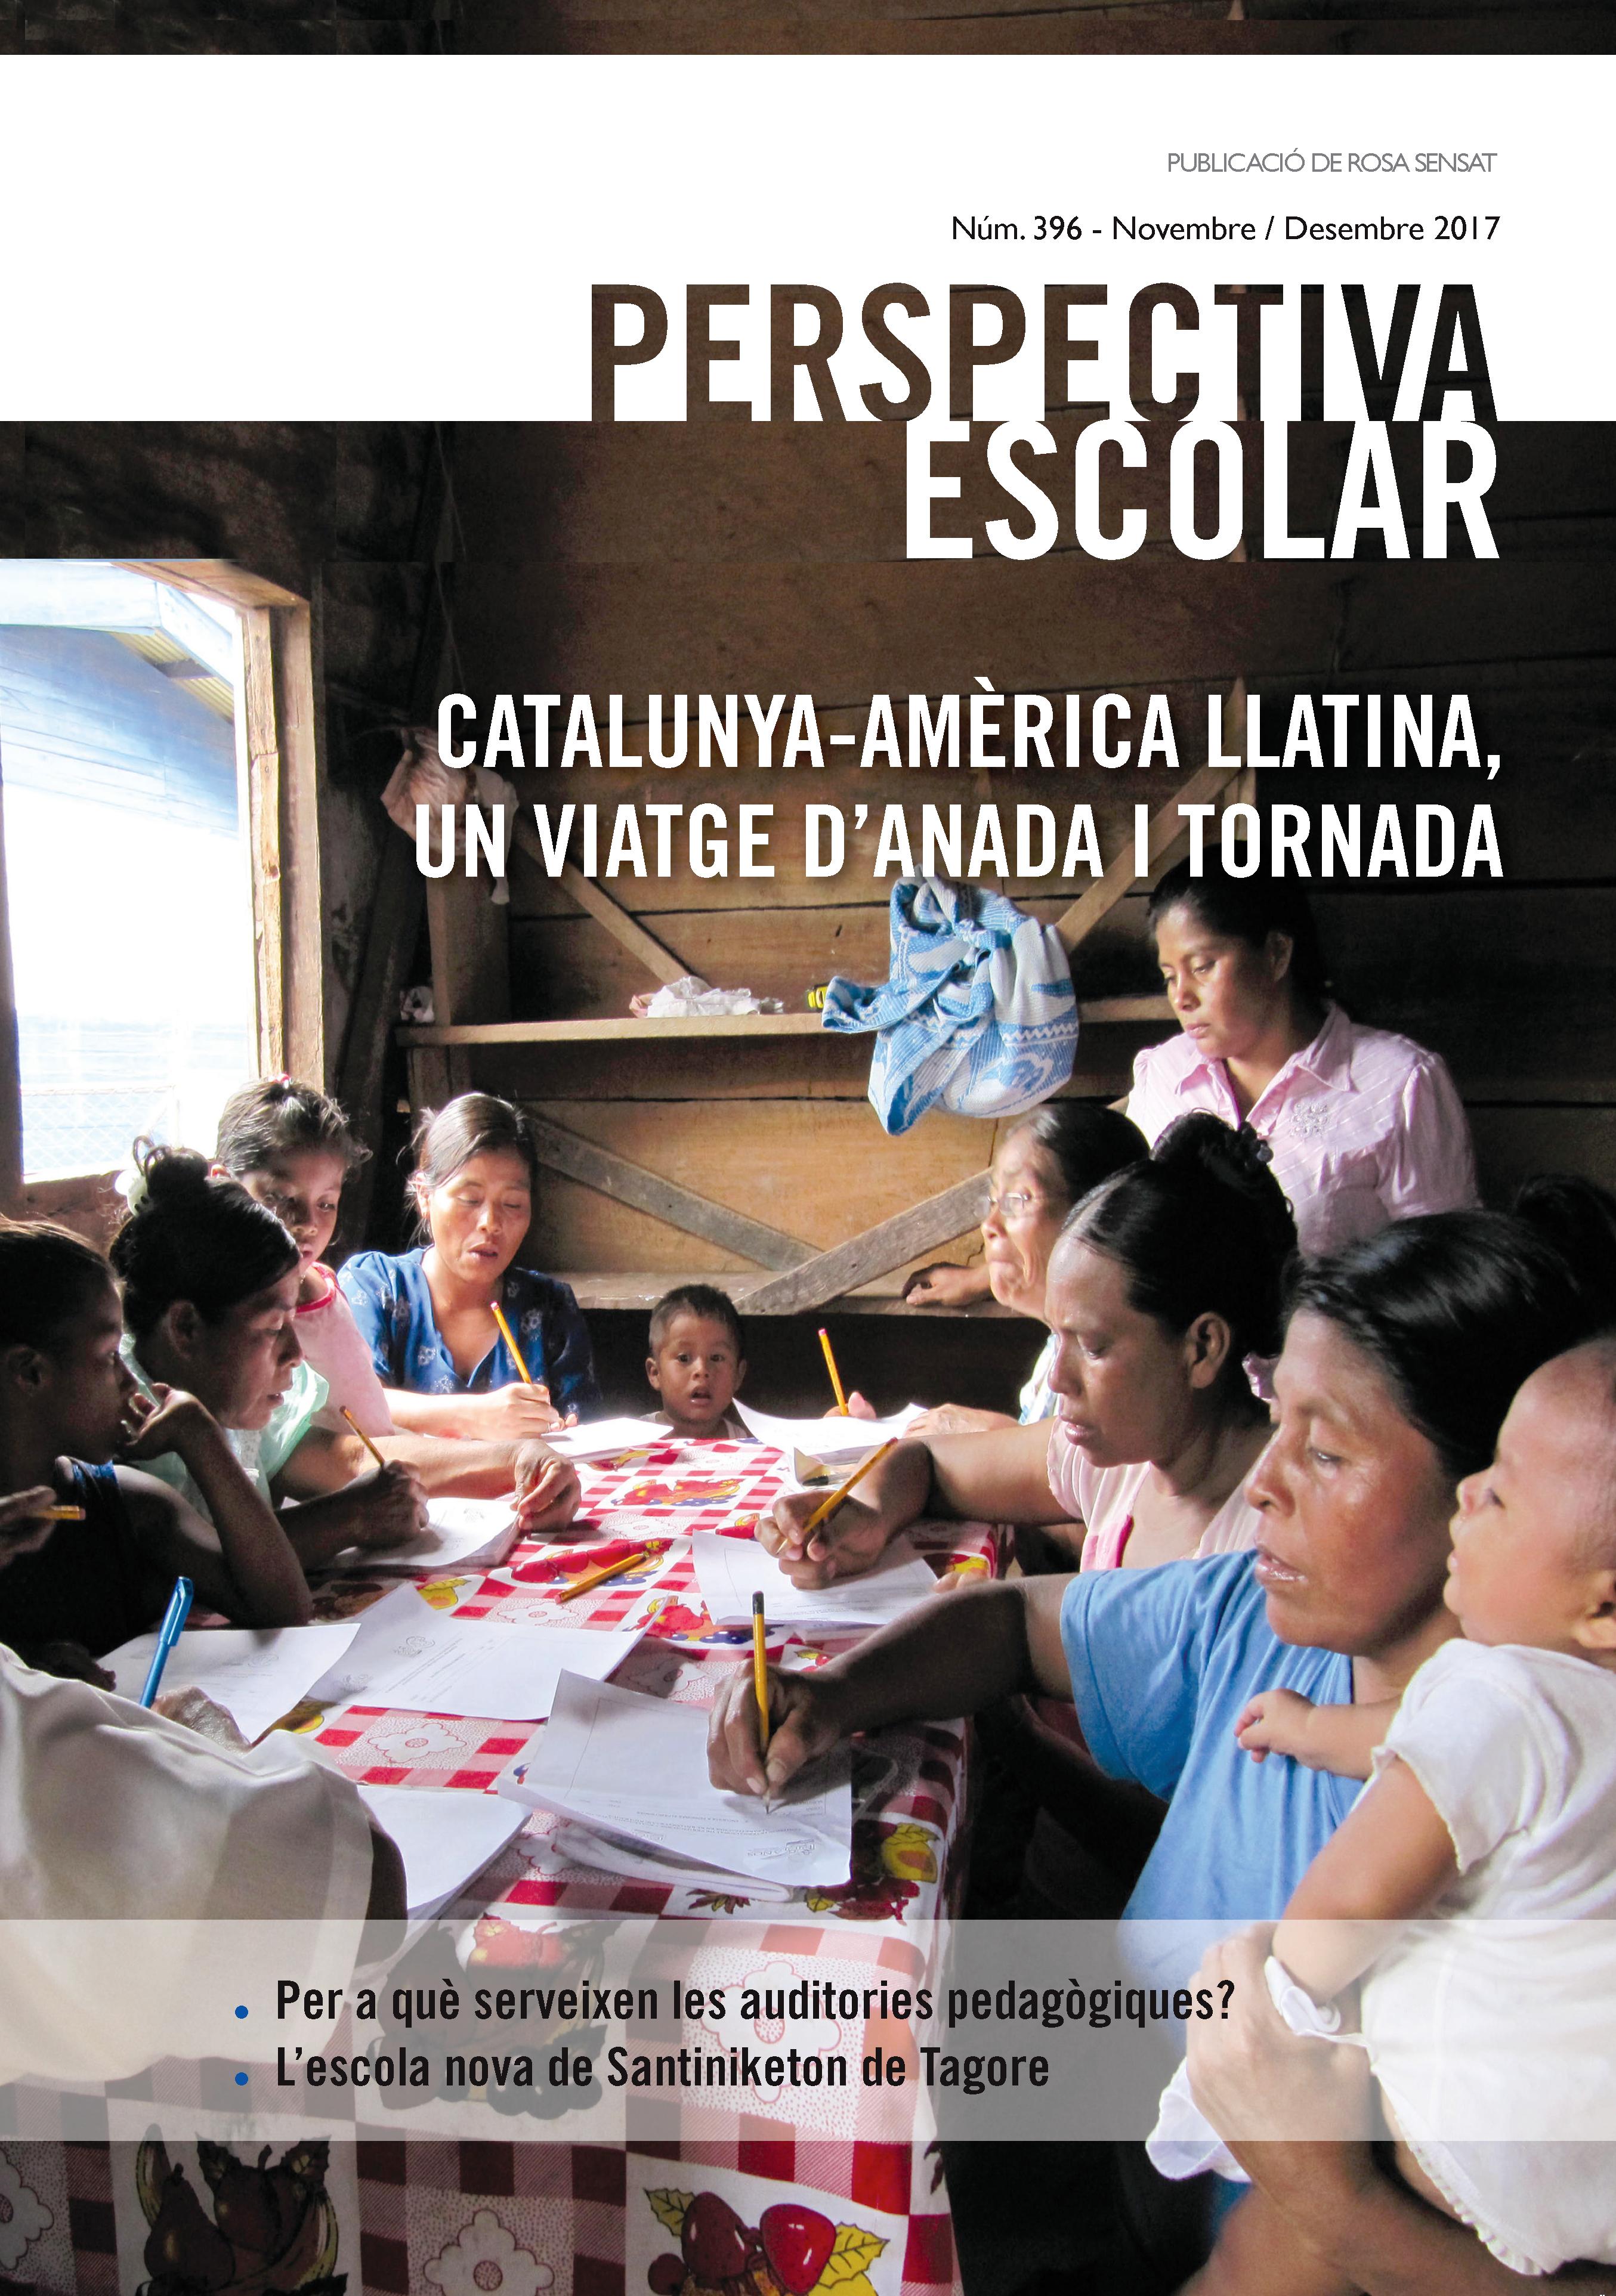 Catalunya-Amèrica Llatina, un viatge d'anada i tornada